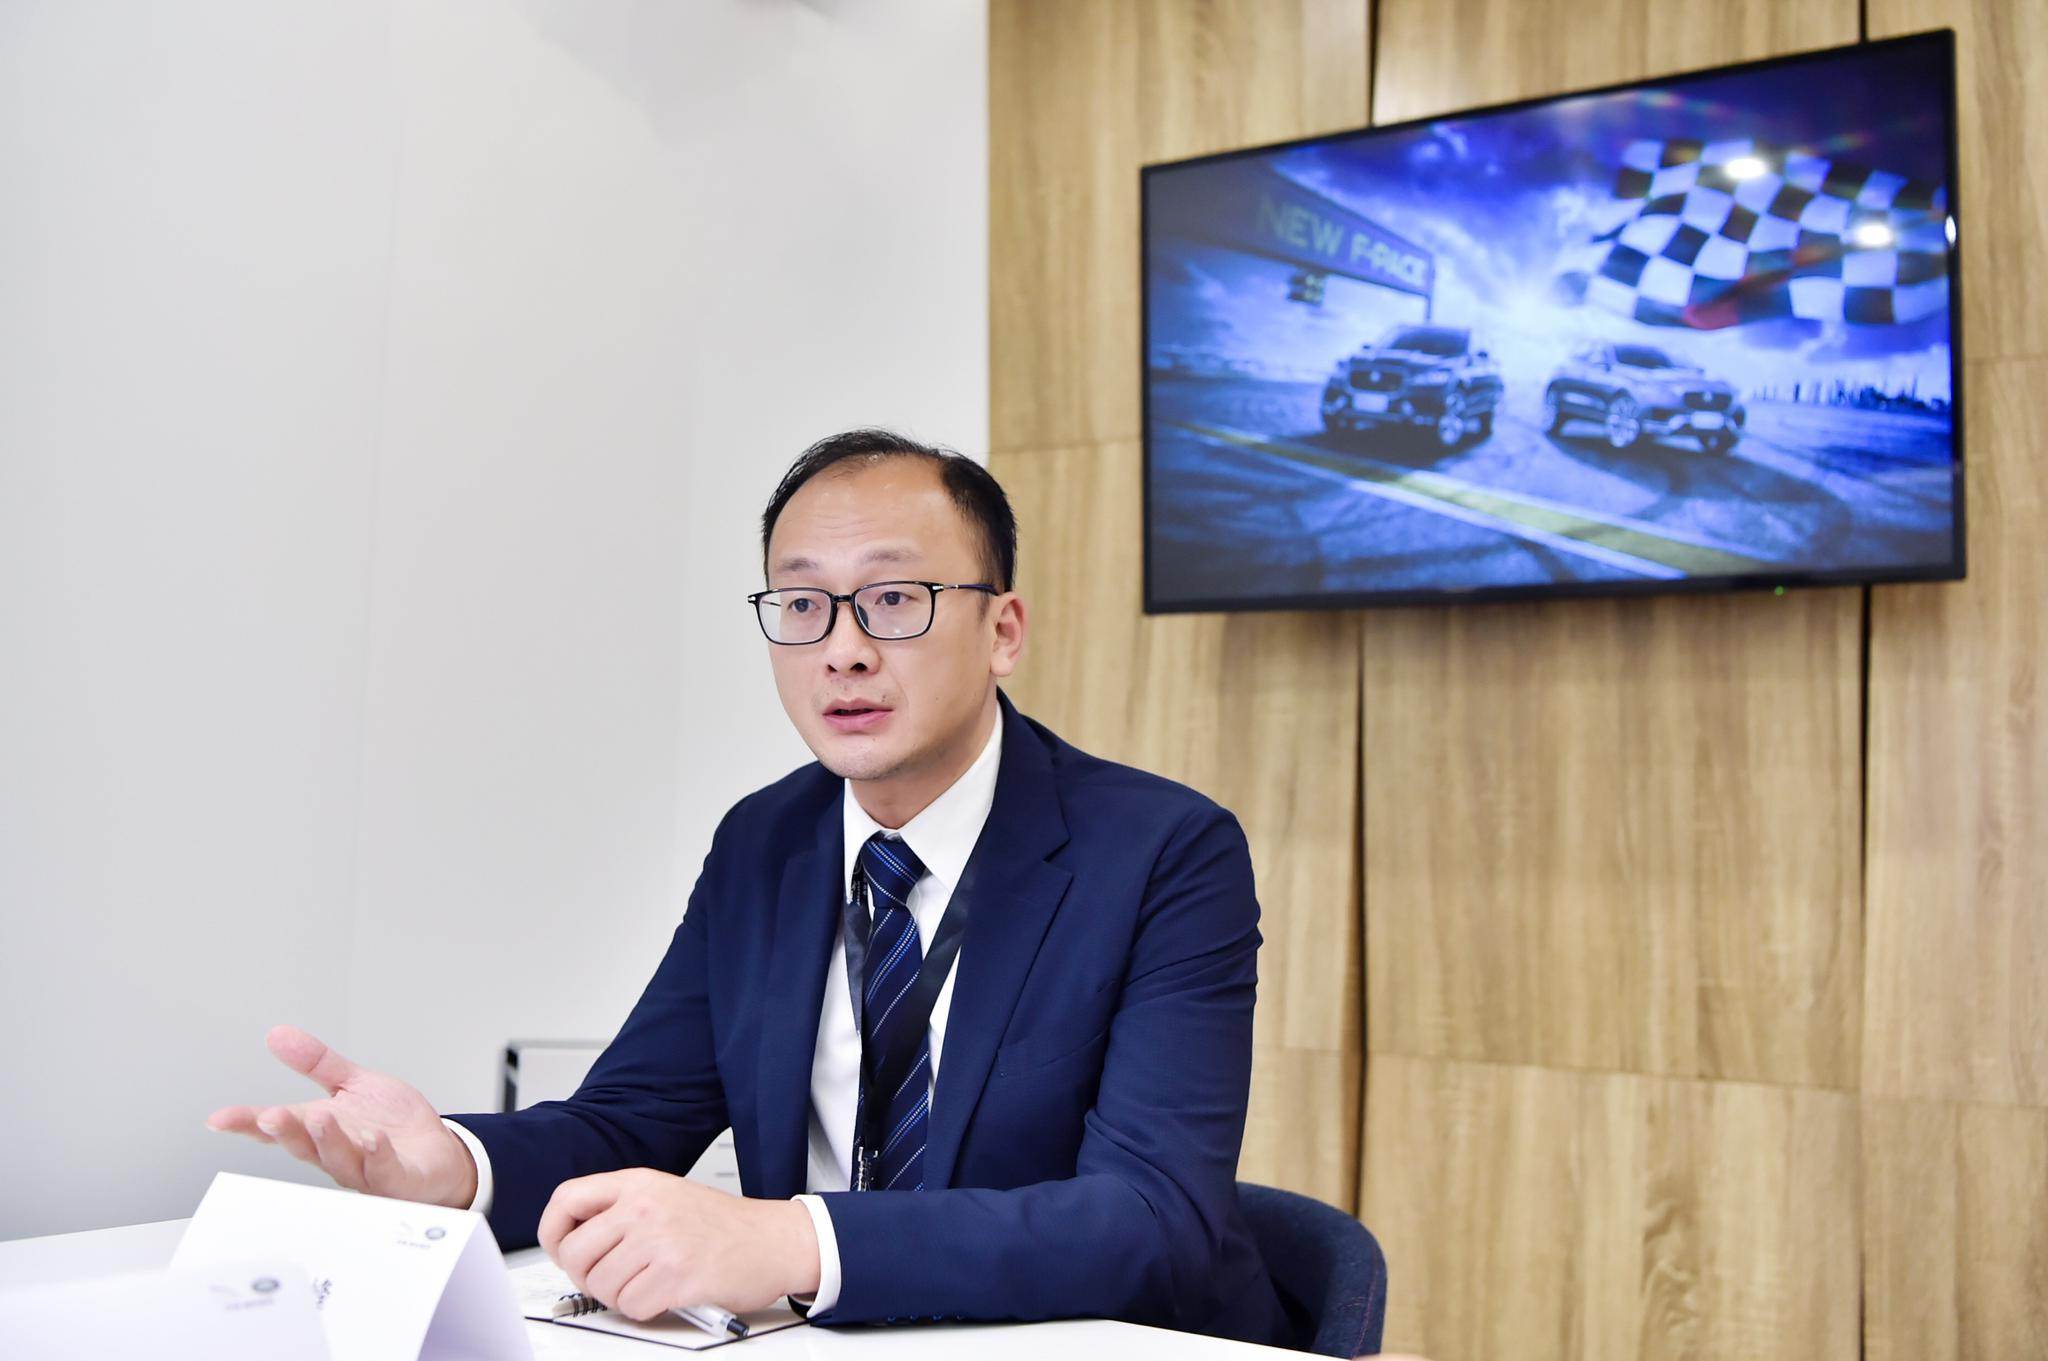 前10月累计销量同比增11% 奇瑞捷豹路虎陈雪峰:明年会有更高增长